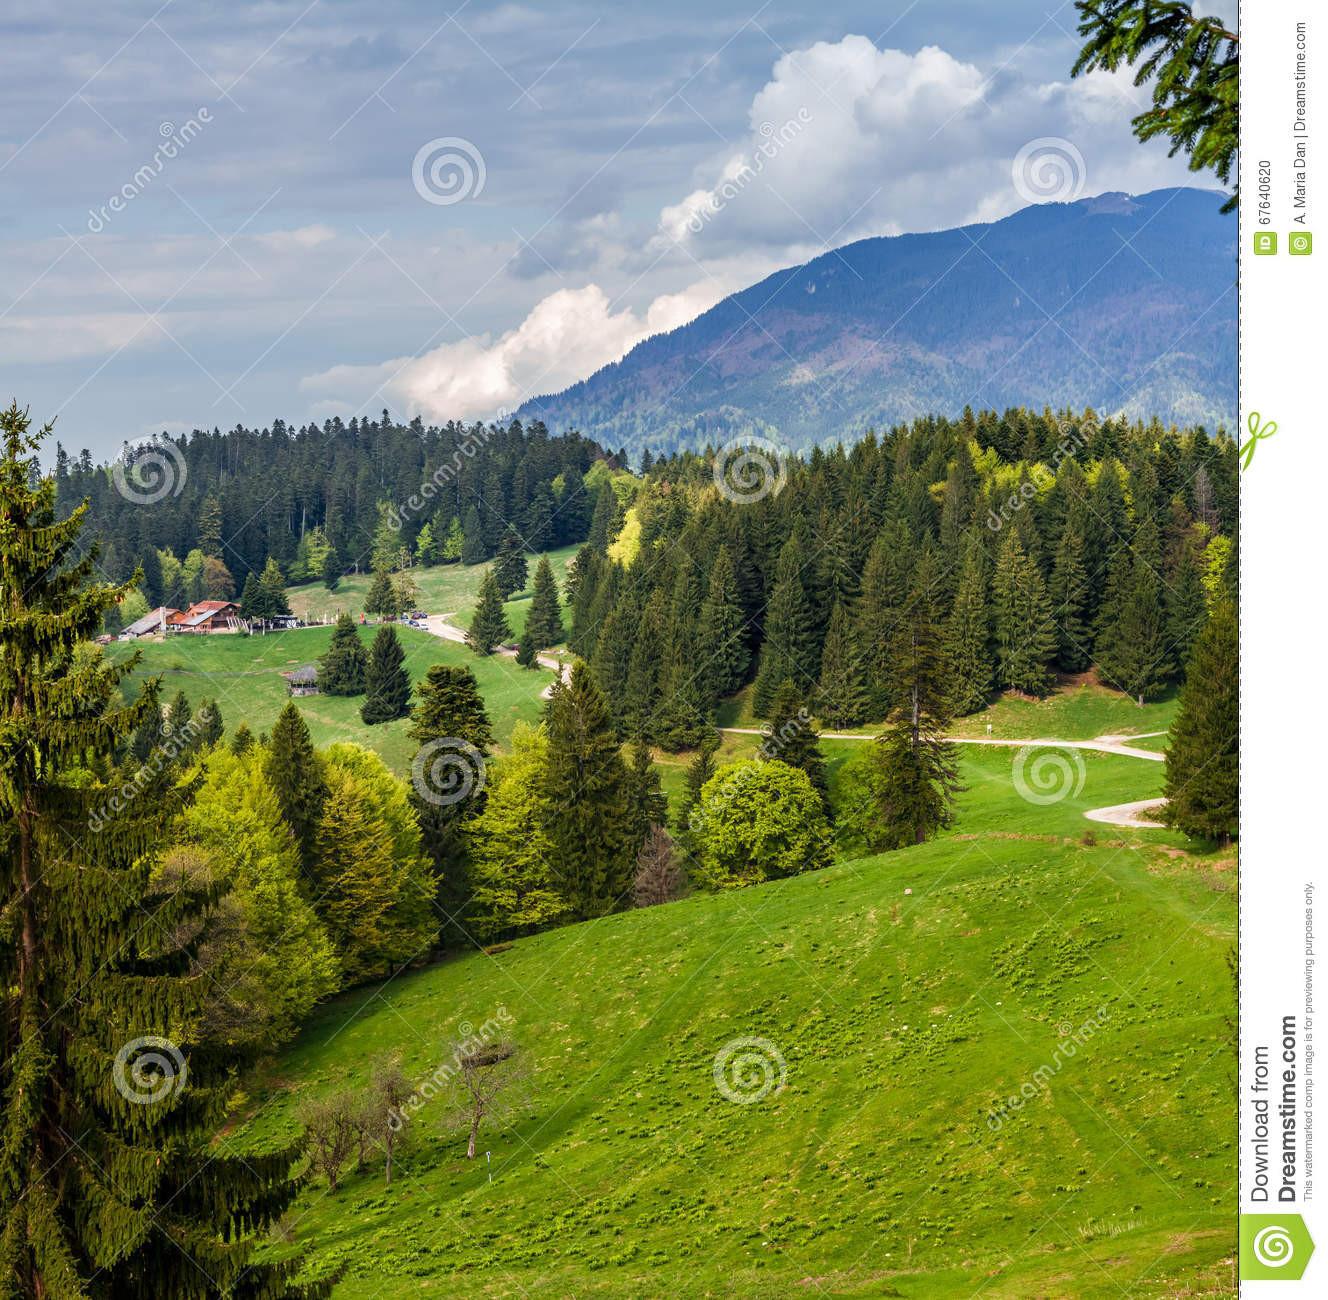 Landschaft In Rumänien  Rumänien Rumänische Landschaft Stockfoto Bild von